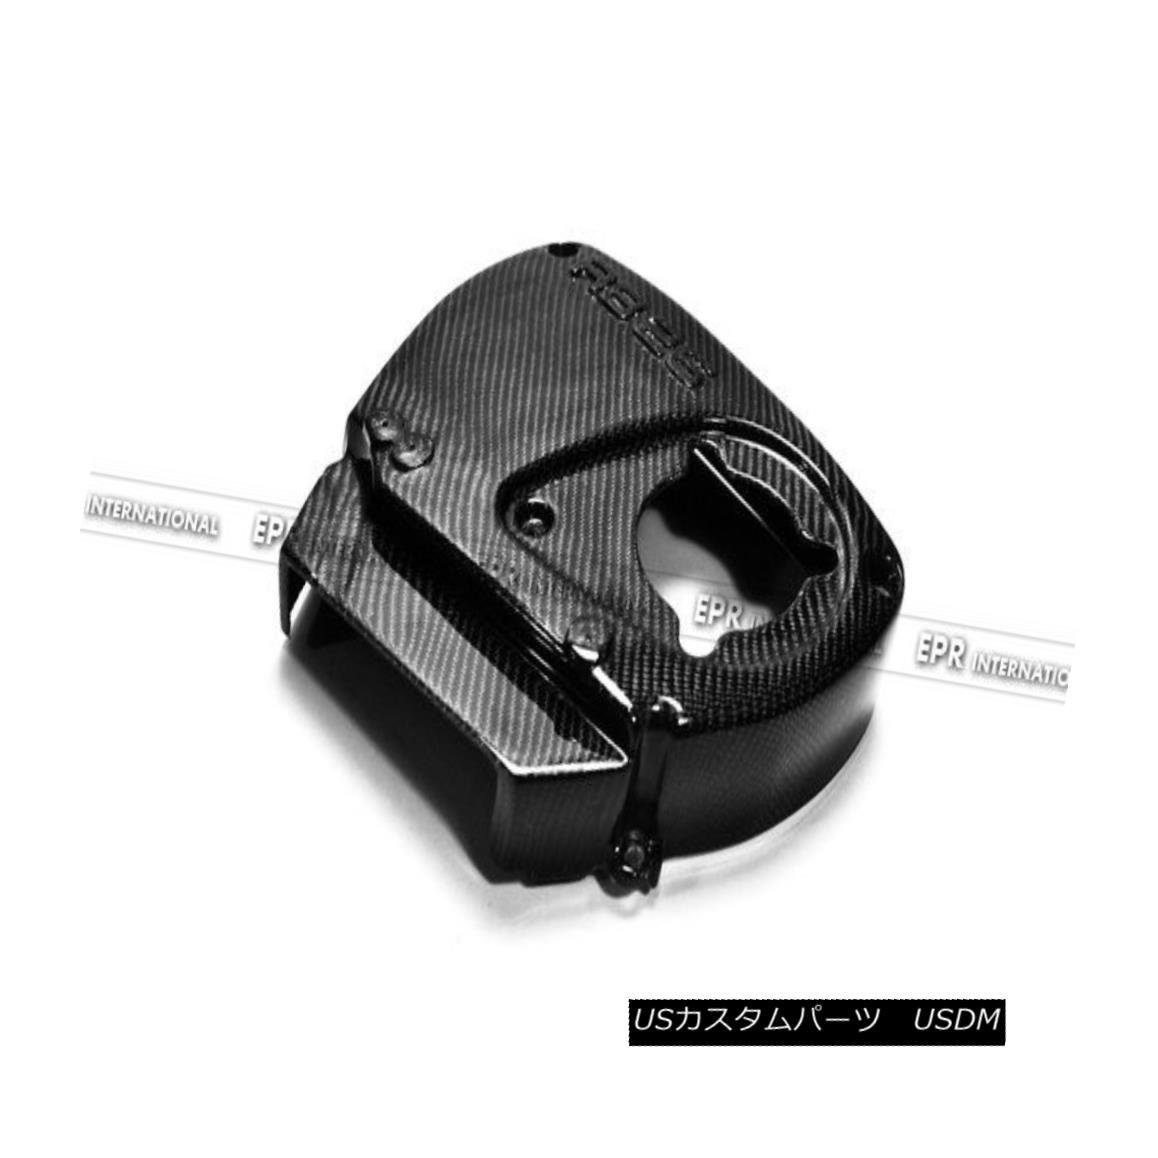 エアロパーツ Engines Cam Cover For Nissan Skyline R32 R33 R34 GTR RB26 DETT JDM Carbon Fiber 日産スカイラインR32 R33 R34 GTR RB26 DETT JDMカーボンファイバー用エンジンカムカバー